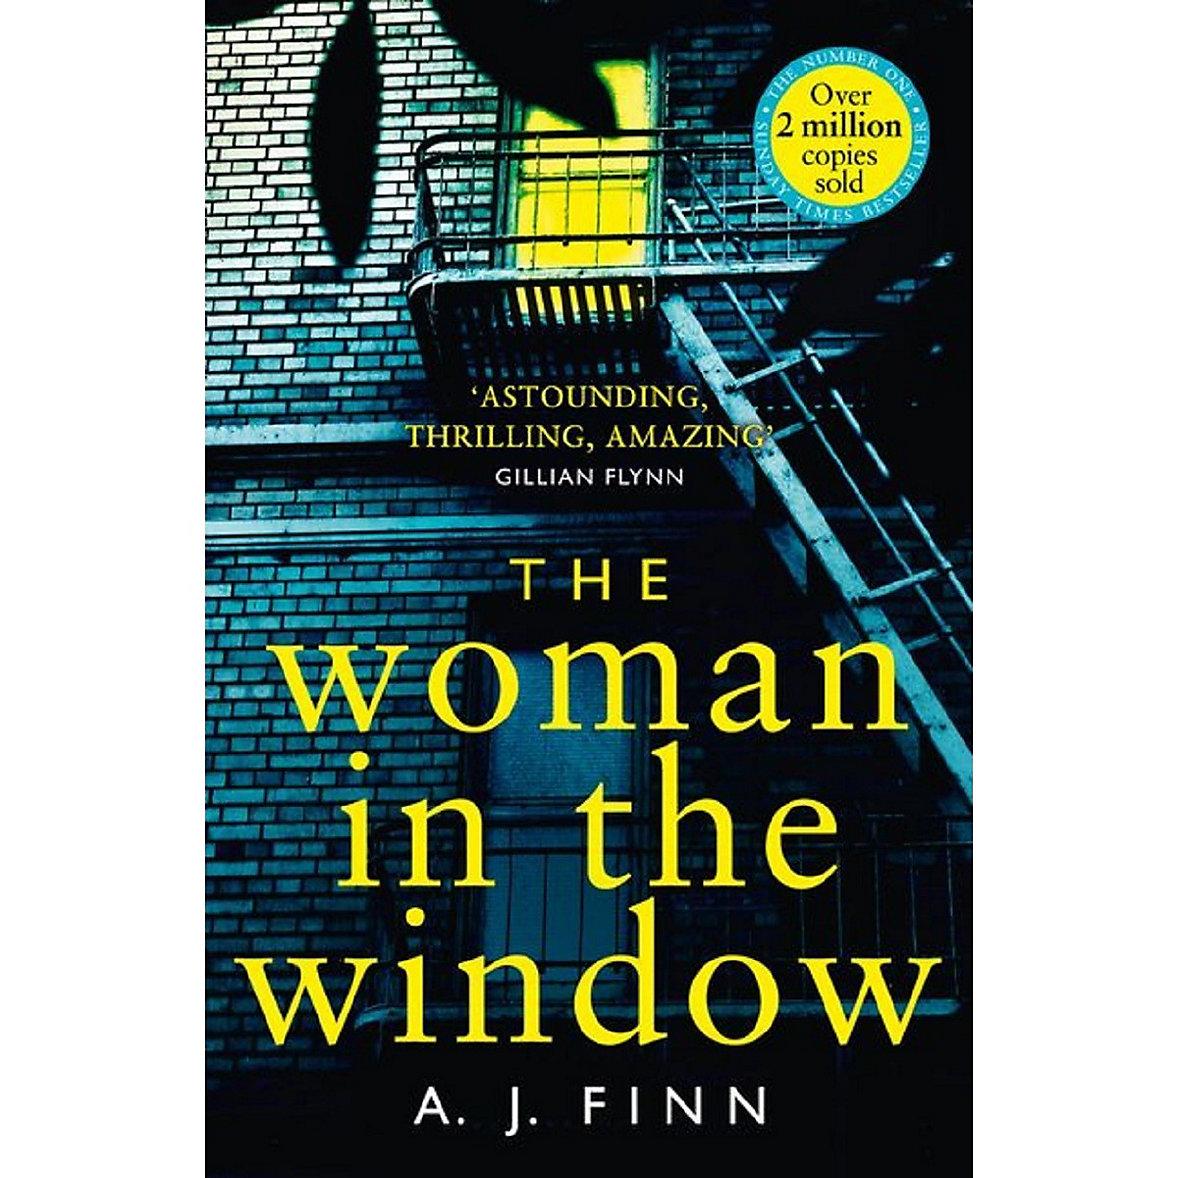 The Woman in the Window - A.J. Finn